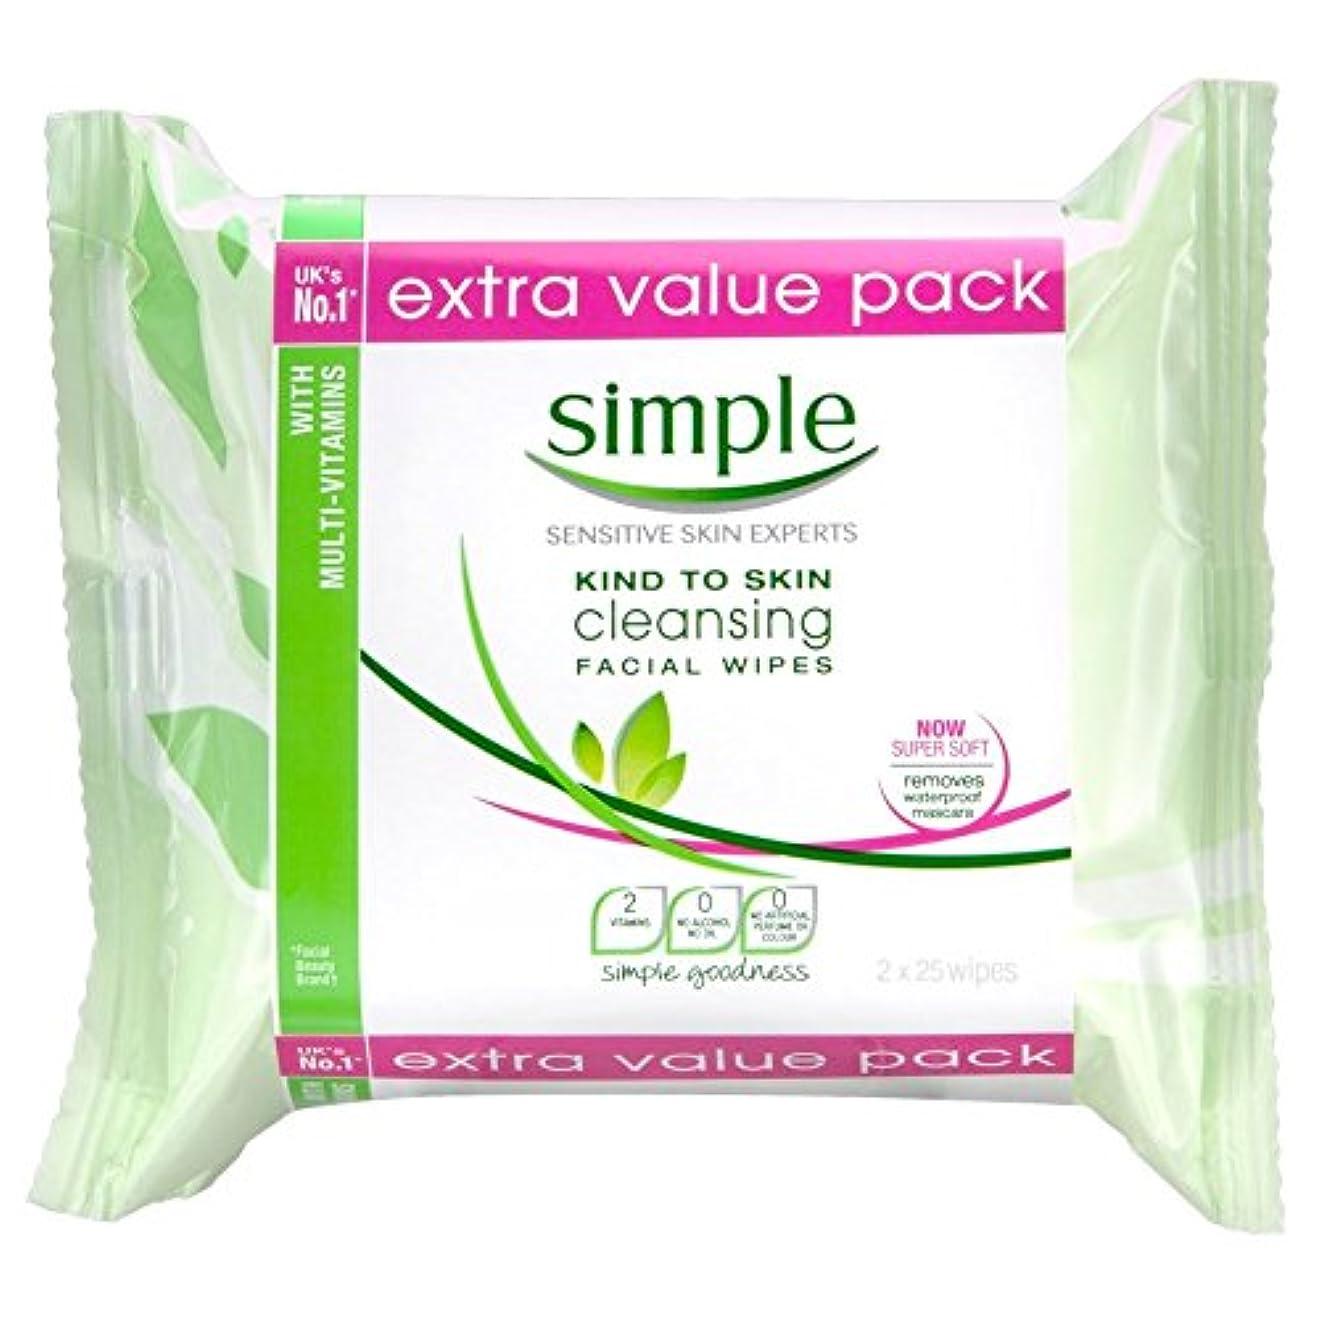 コイルタンザニアプログレッシブSimple Cleansing Facial Wipes (25 per pack x 2) シンプルなクレンジングフェイシャルワイプ(パックあたり25× 2 ) [並行輸入品]